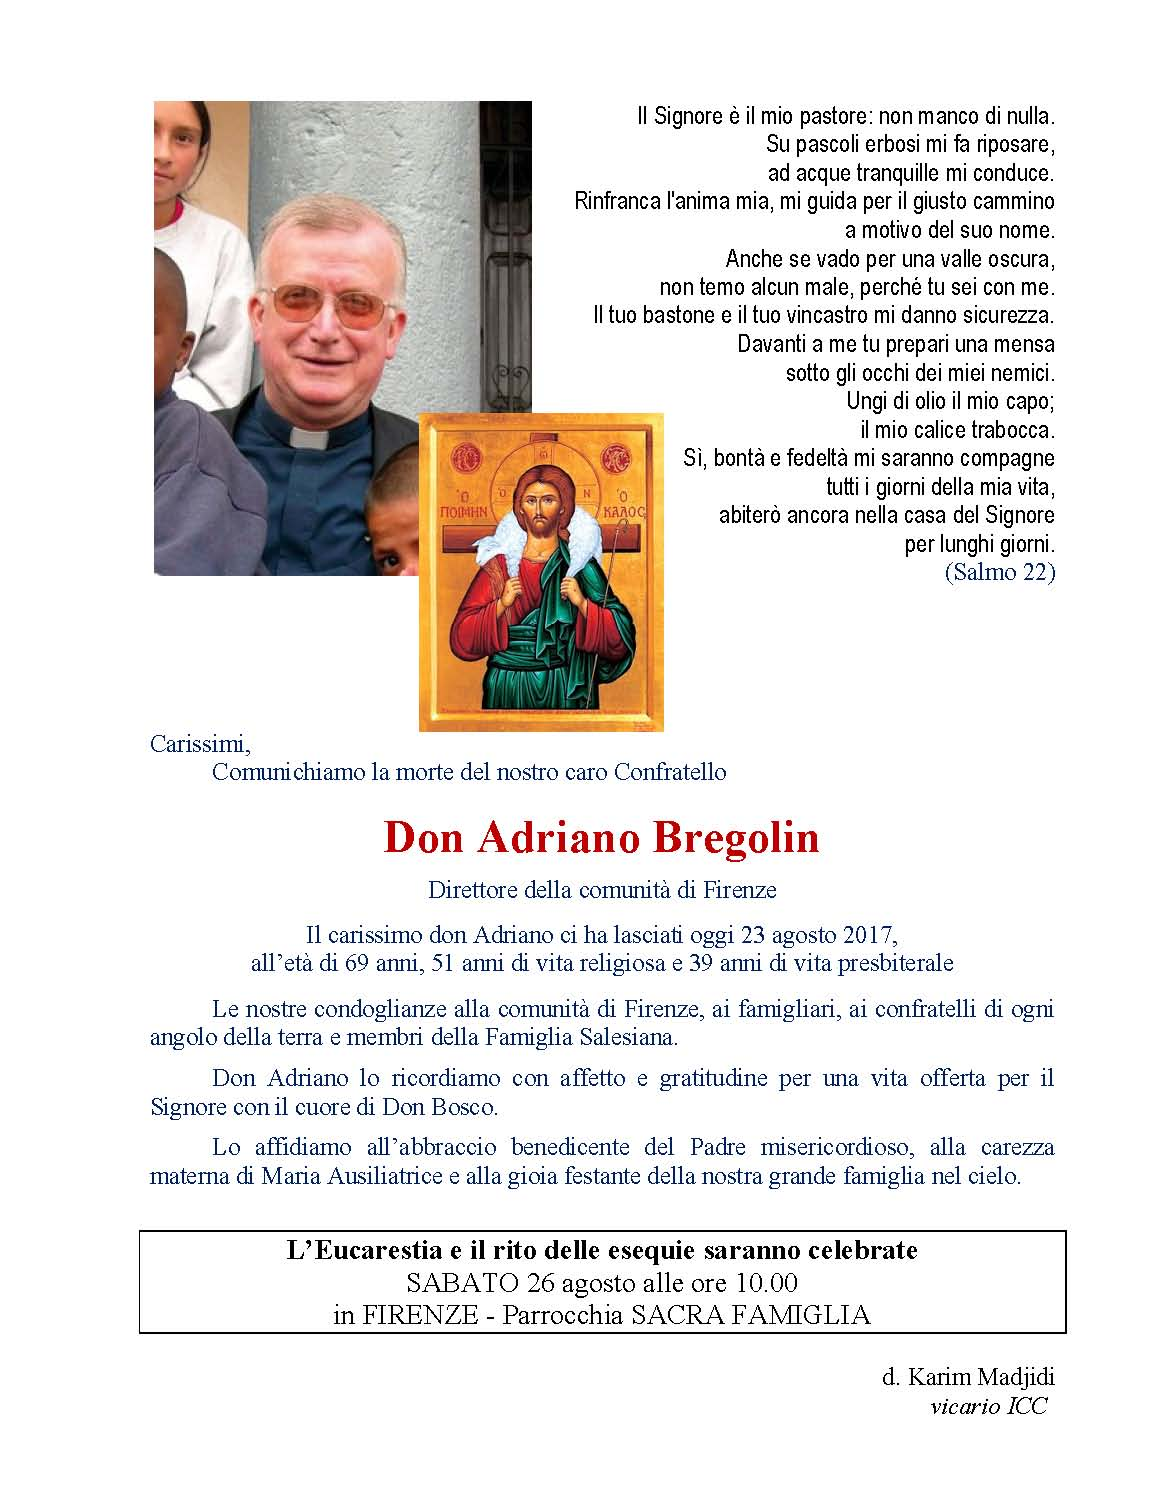 訃聞 前慈幼會副總會長白康寧司鐸 Fr. Adriano BREGOLIN安息主懷 Page 2